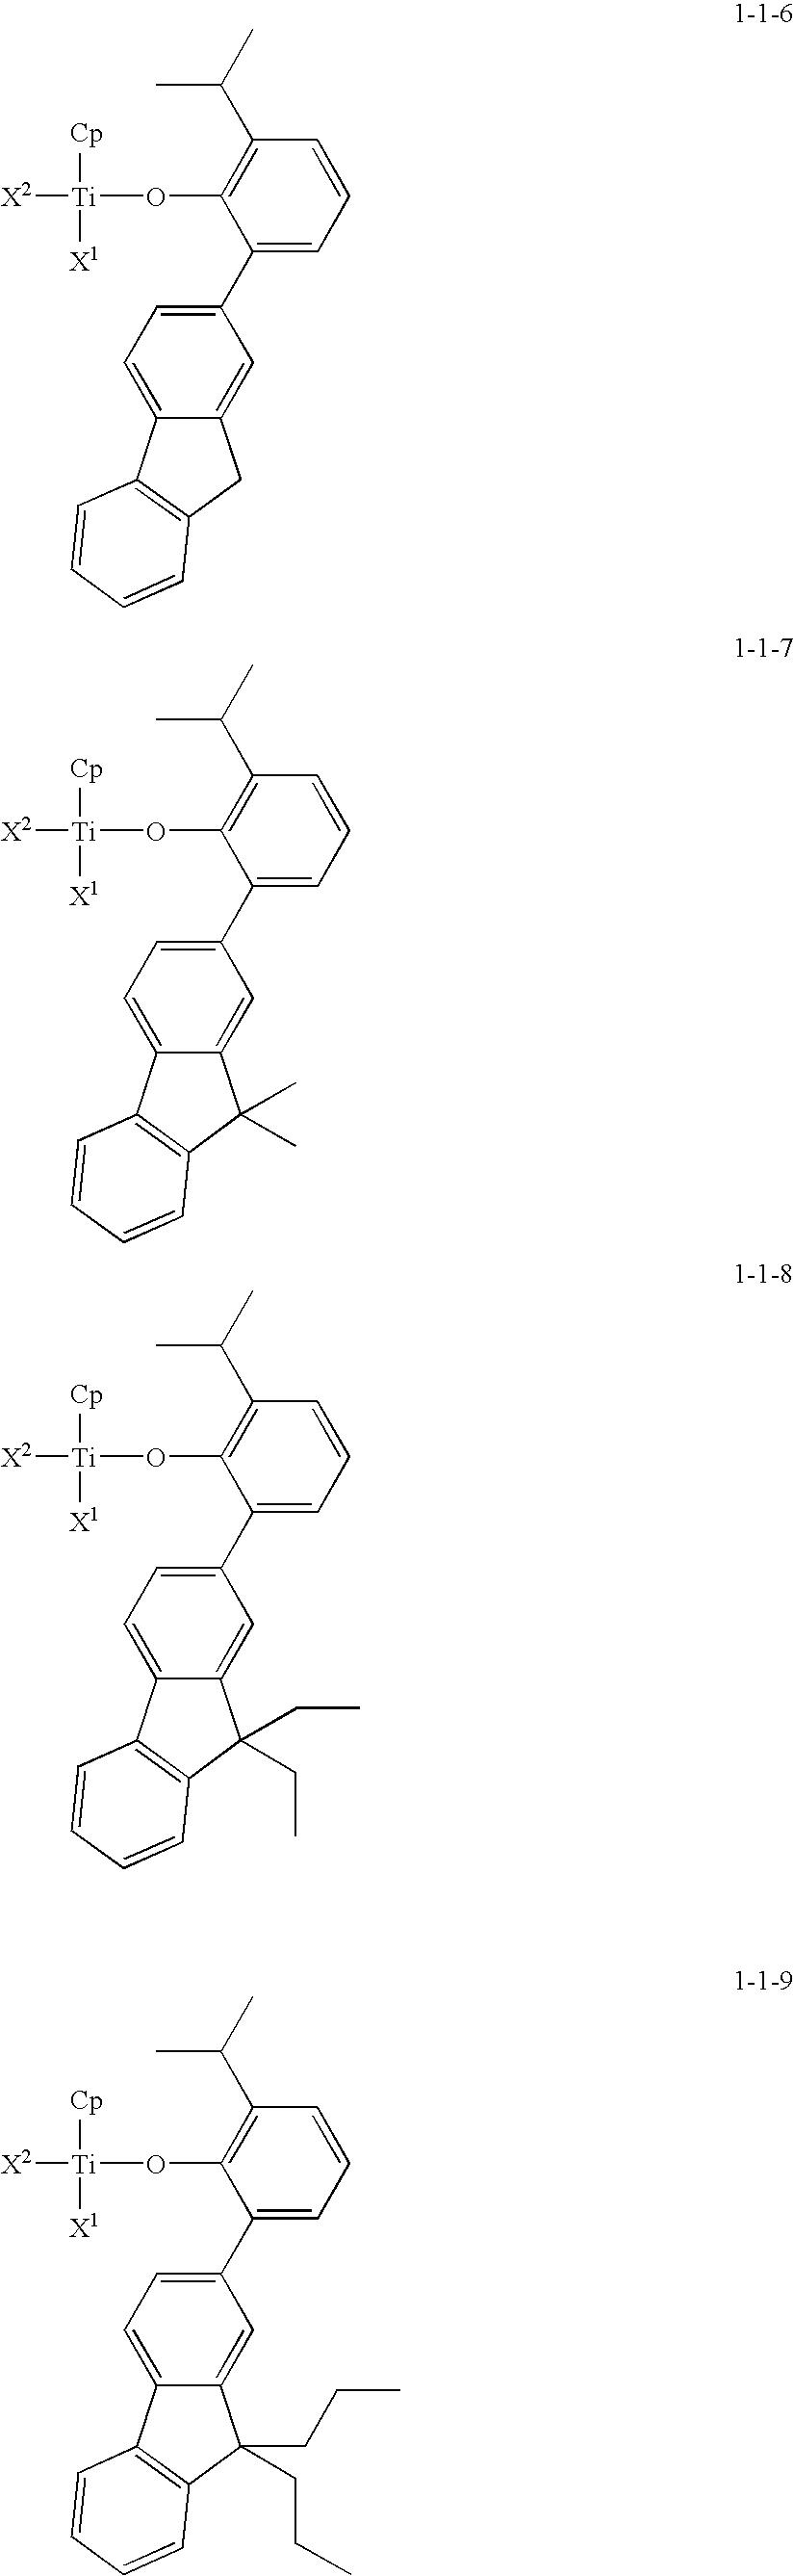 Figure US20100081776A1-20100401-C00071